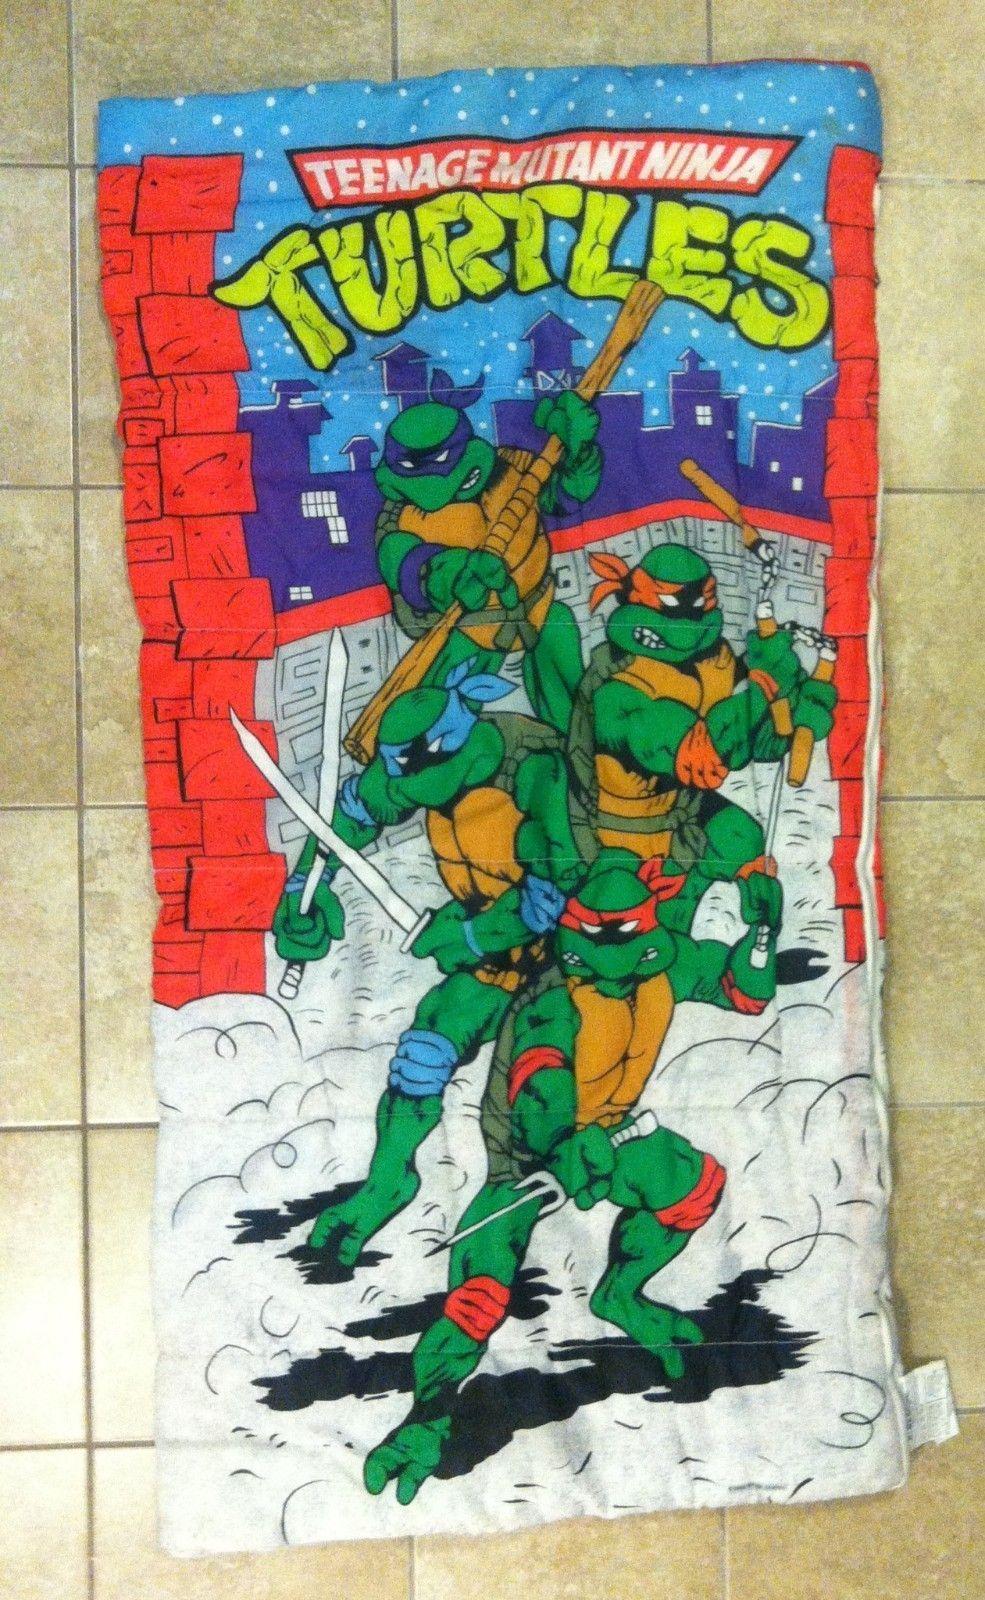 Vintage Age Mutant Ninja Turtles Children S Uni Sleeping Bag Kids Nerd Geek